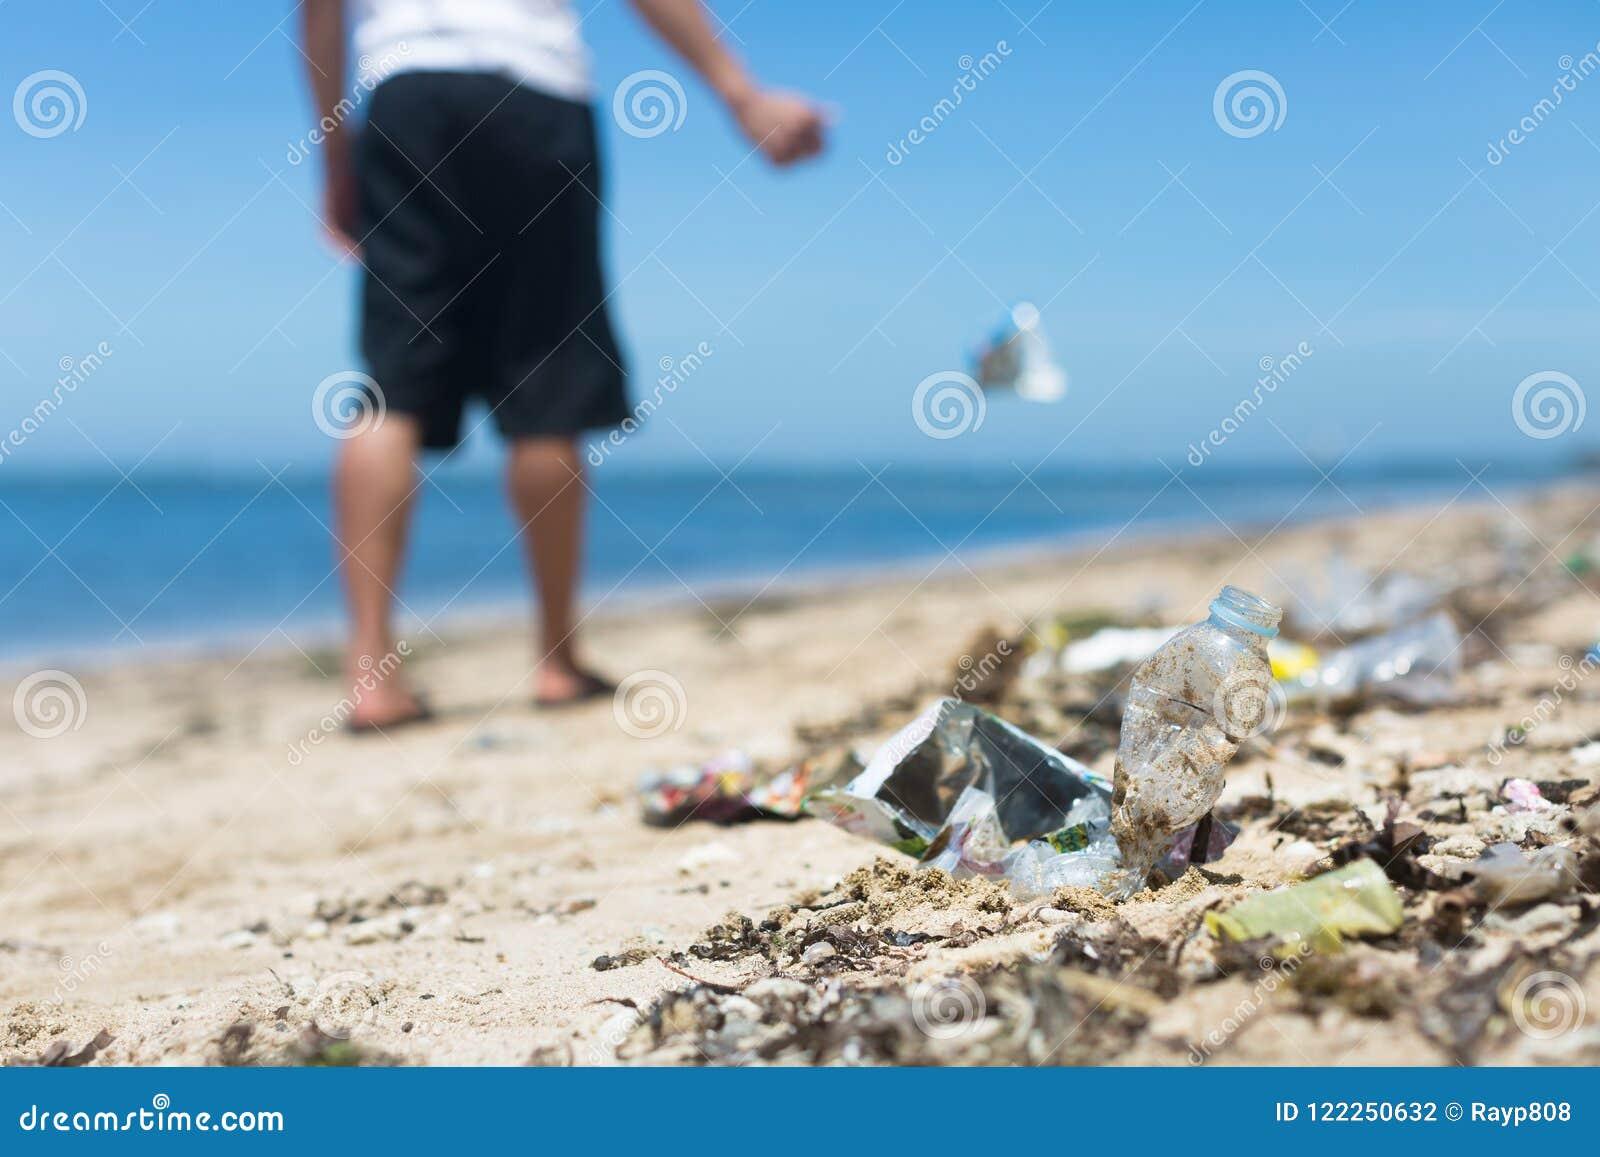 Человек вскользь бросает отброс на том основании, добавляющ к большое количество сора на пляже